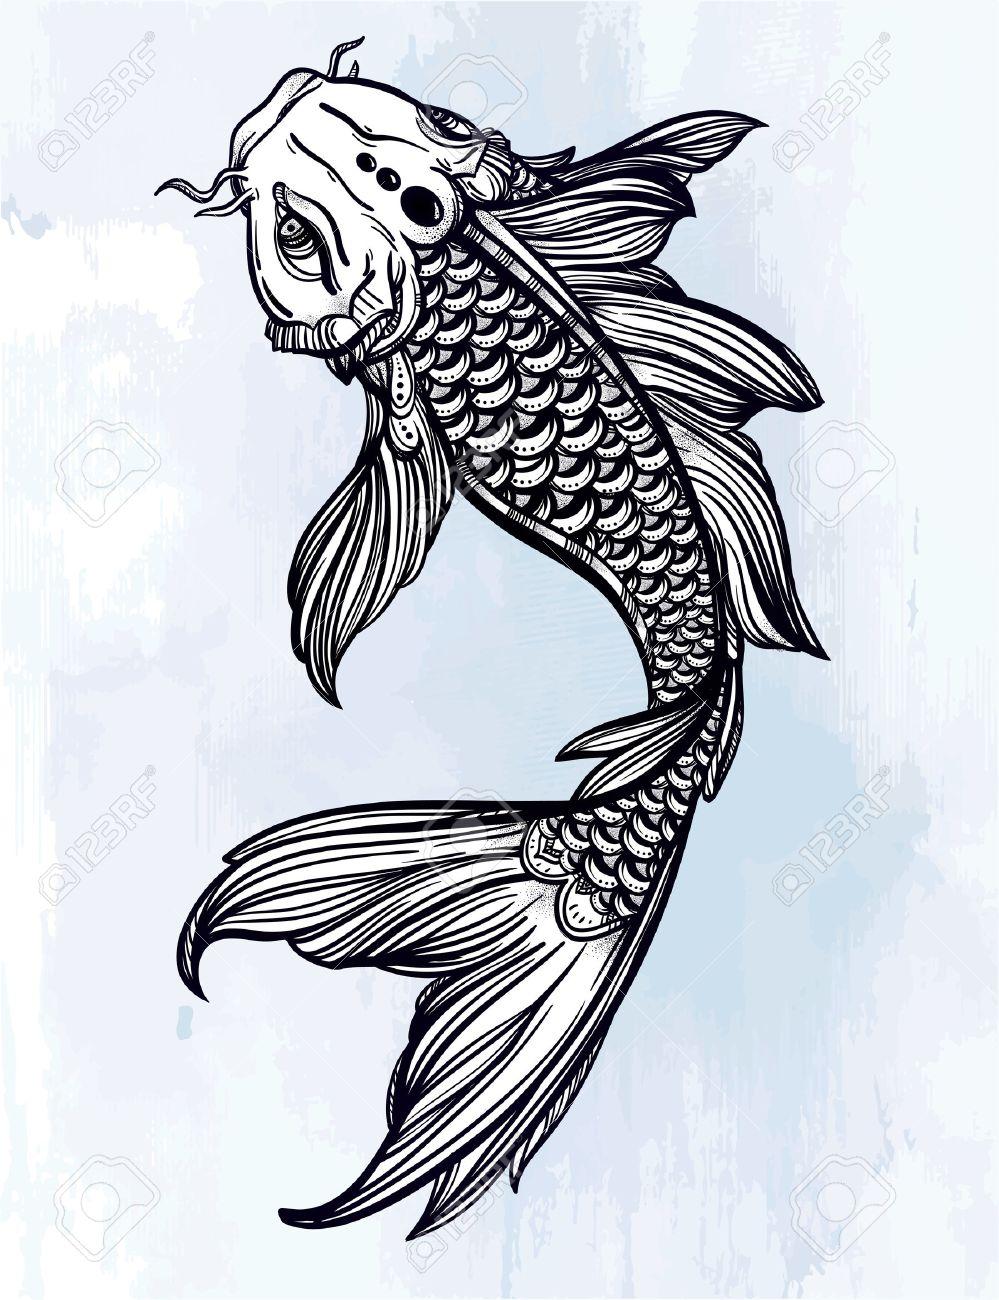 Tatuaje Pez Koi. Tatuajes De Pez Koi Mujeres. Tatuaje En Espalda De ...